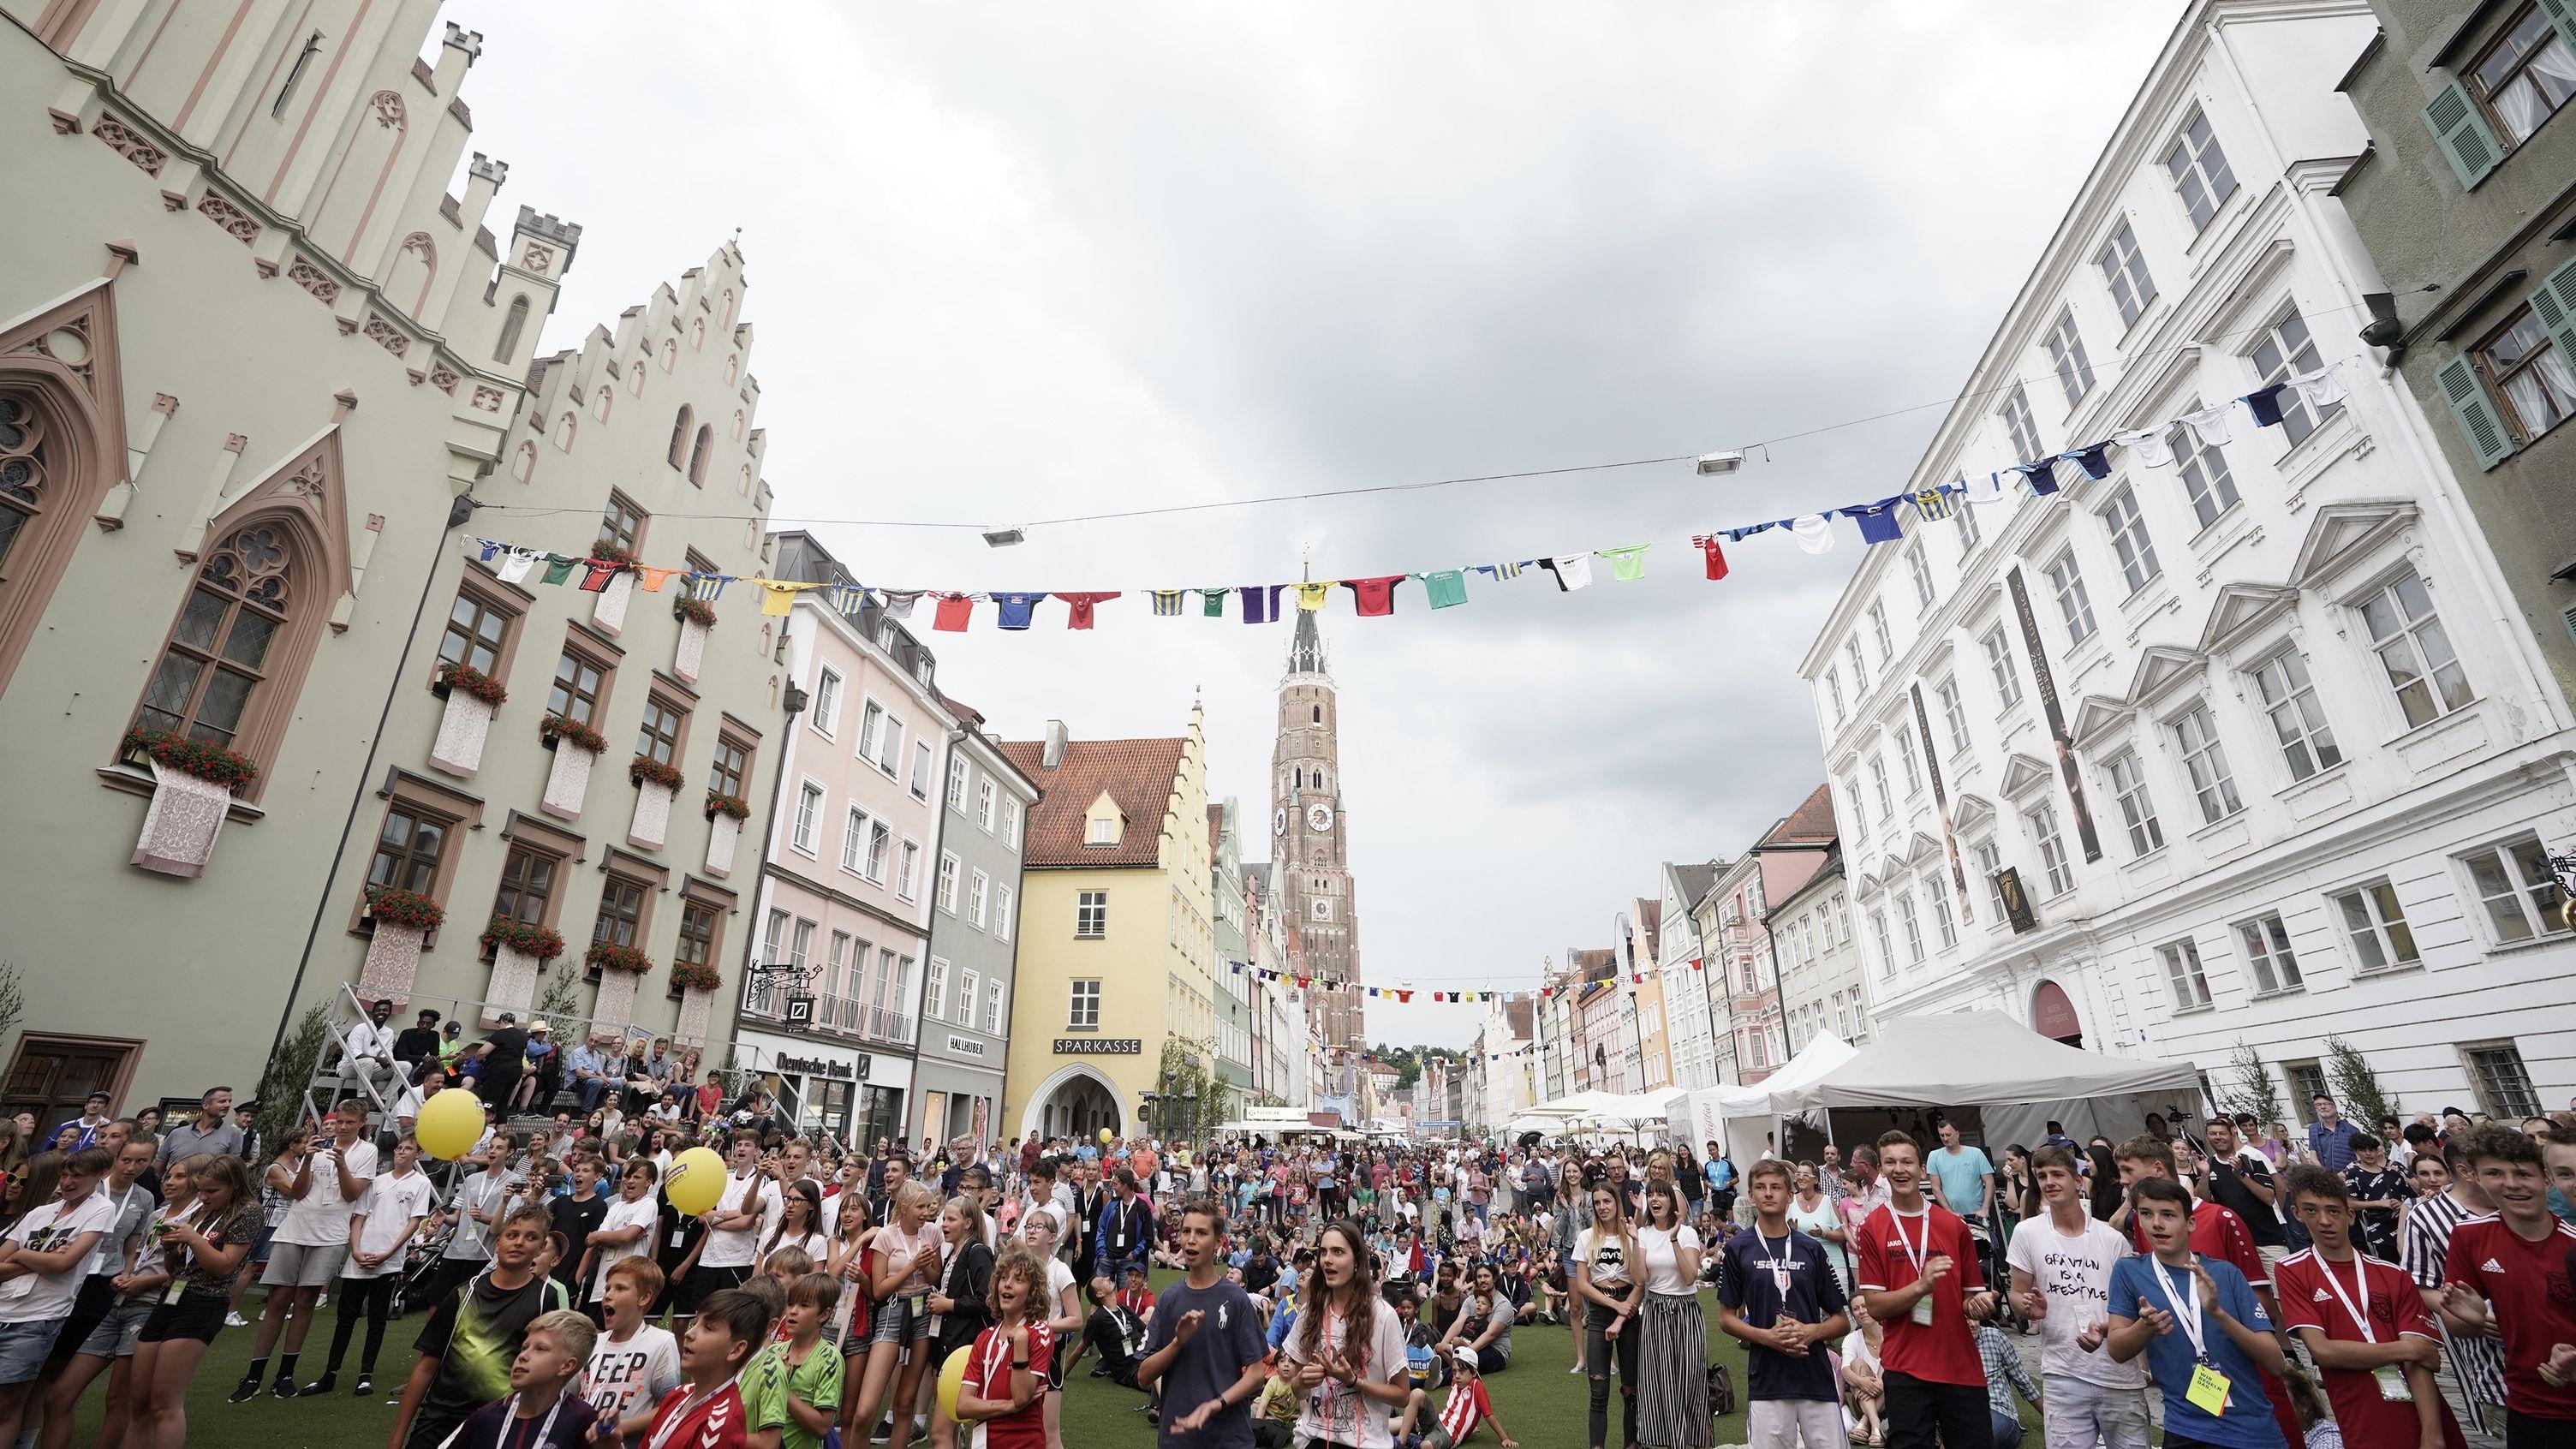 Die Fußballiade lockte rund 50.000 Zuschauer nach Landshut